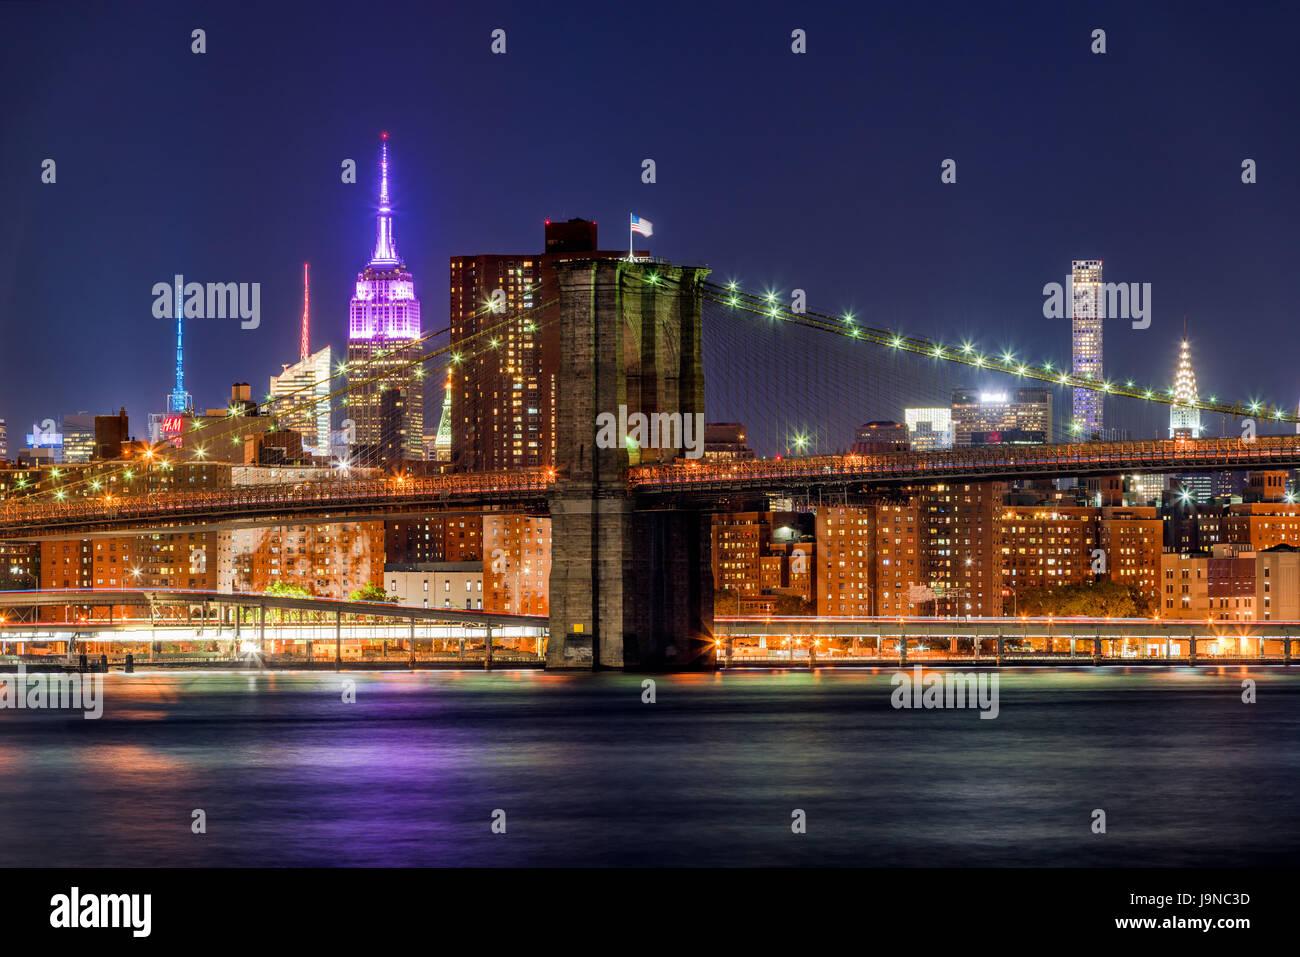 Vue de nuit sur le pont de Brooklyn et Manhattan gratte-ciel. New York City Photo Stock